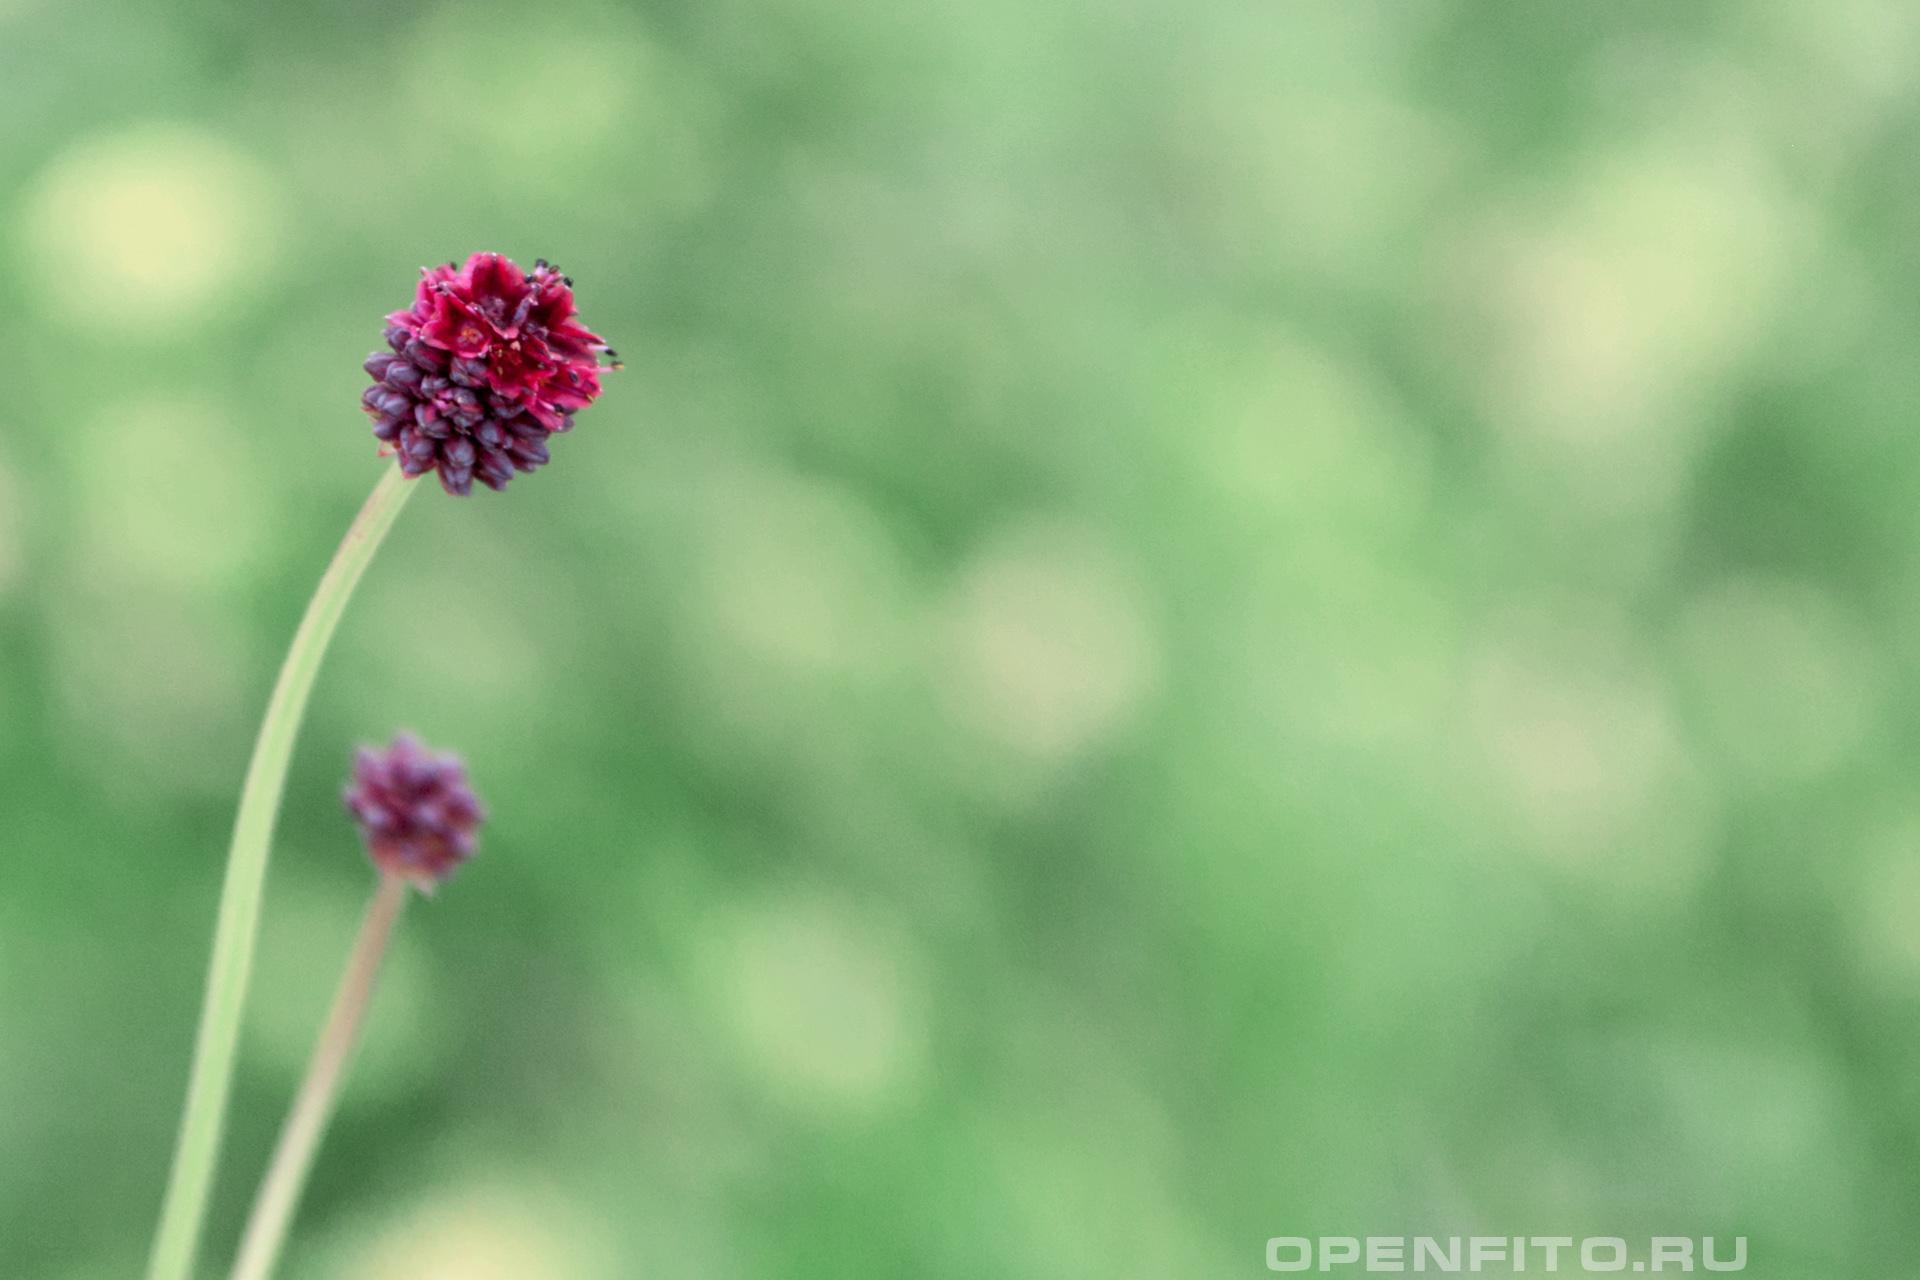 Кровохлебка лекарственная Лекарственное растение с необычным названием